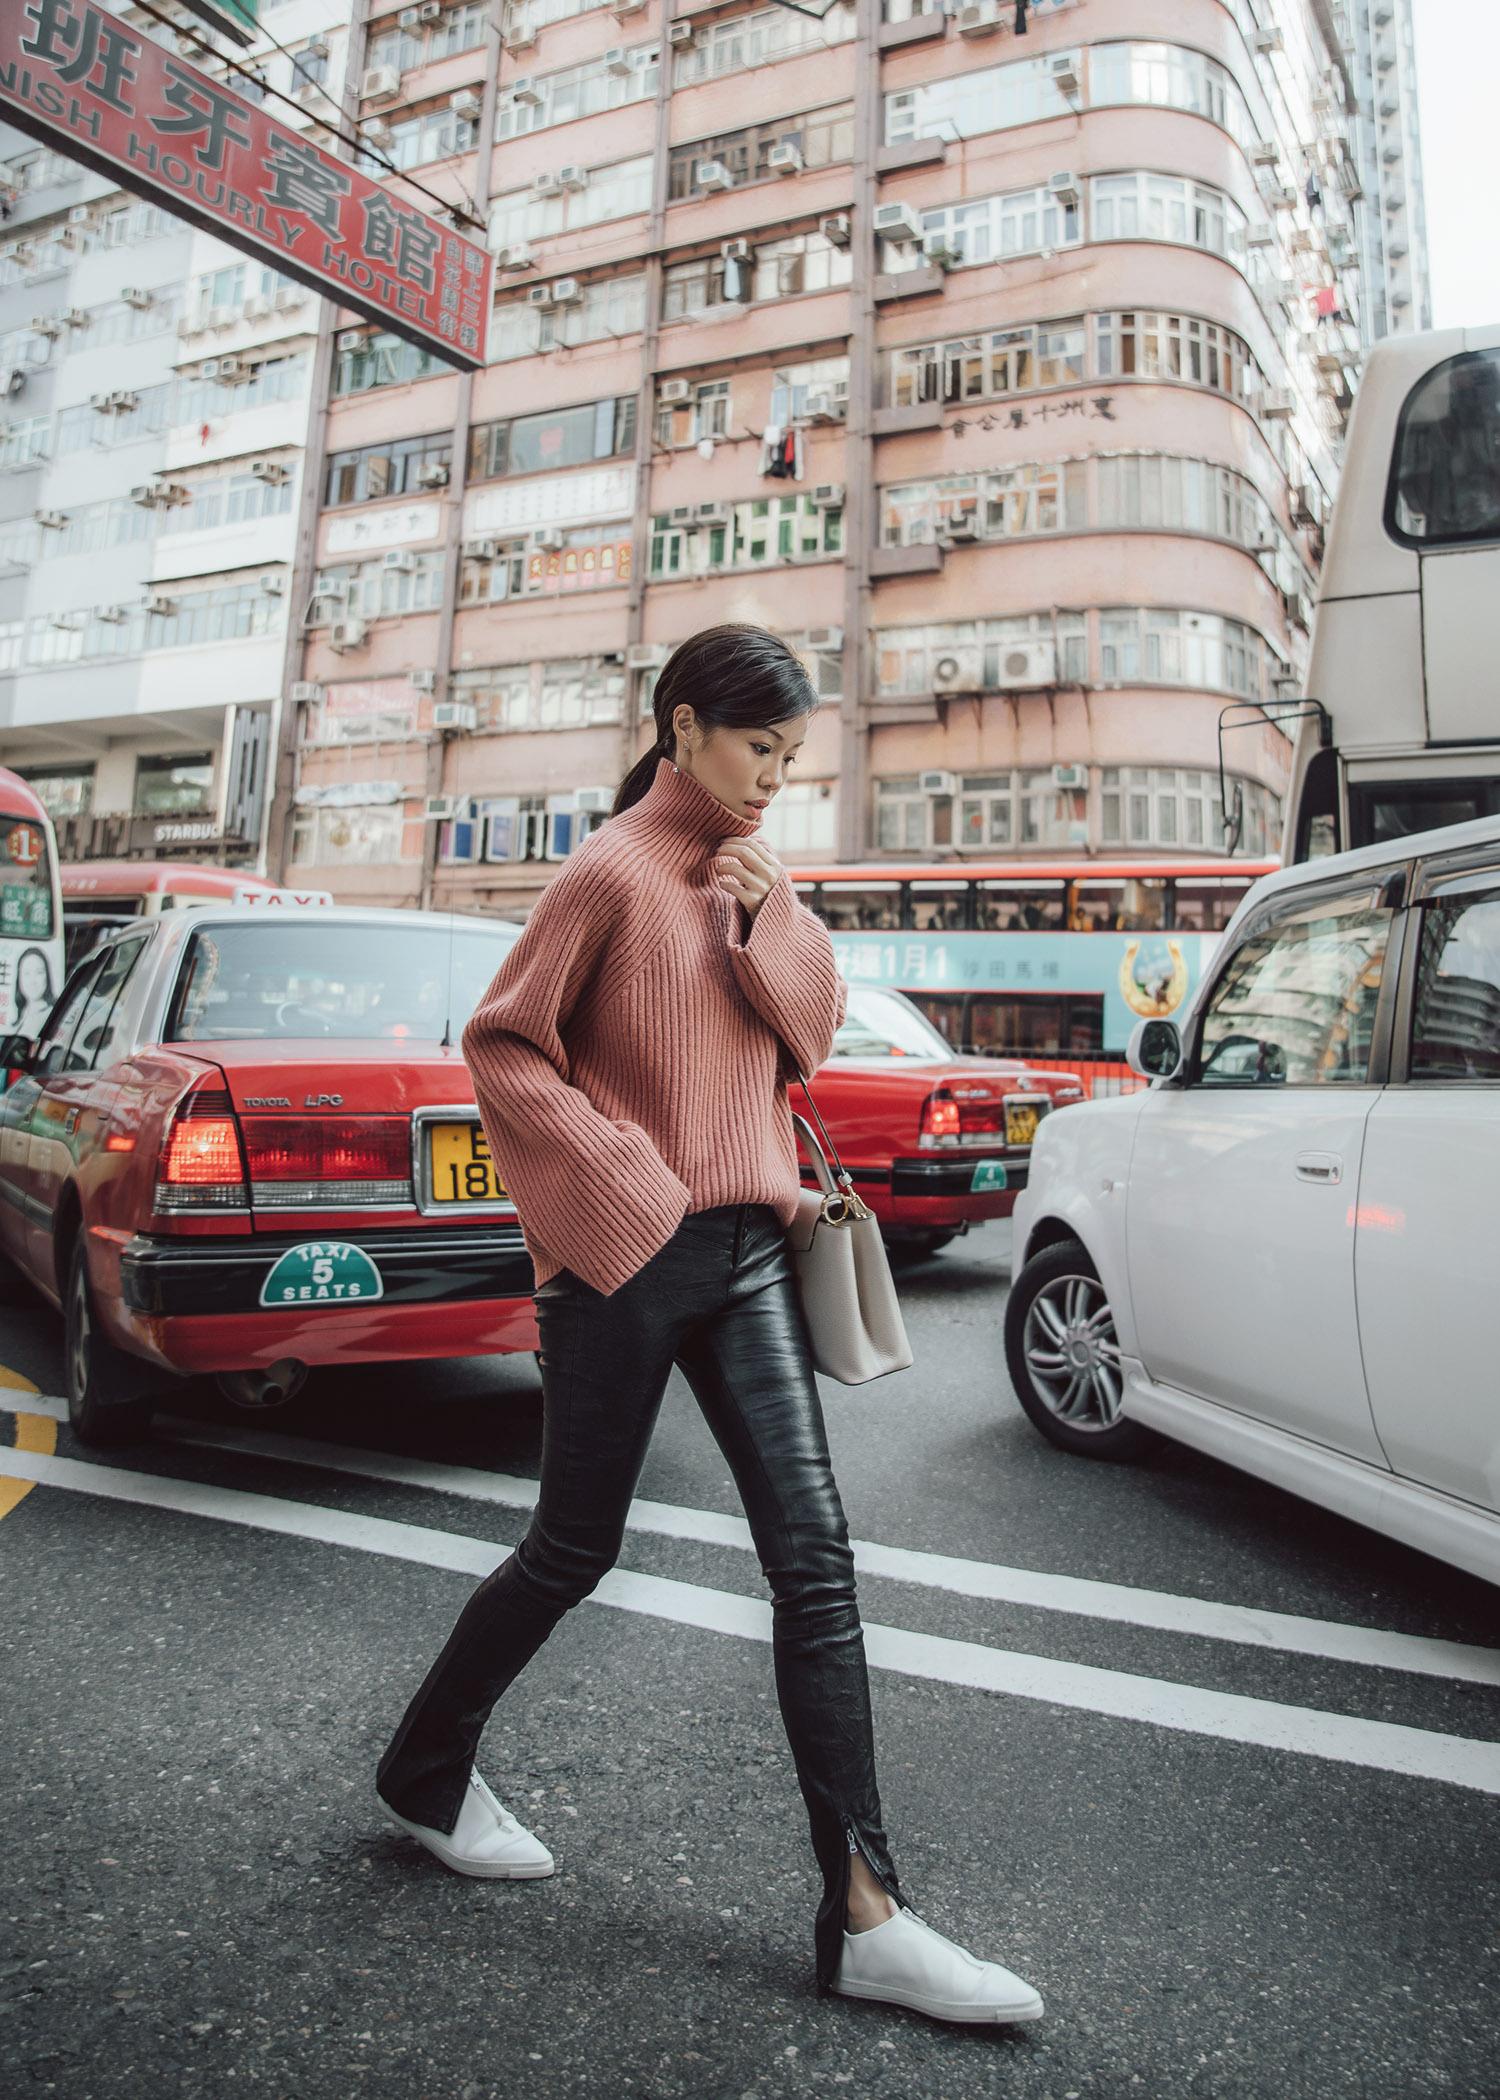 Jenny Tsang of Tsangtastic wearing byTSANG rosy structured knit and leather pants in Mong Kok Hong Kong